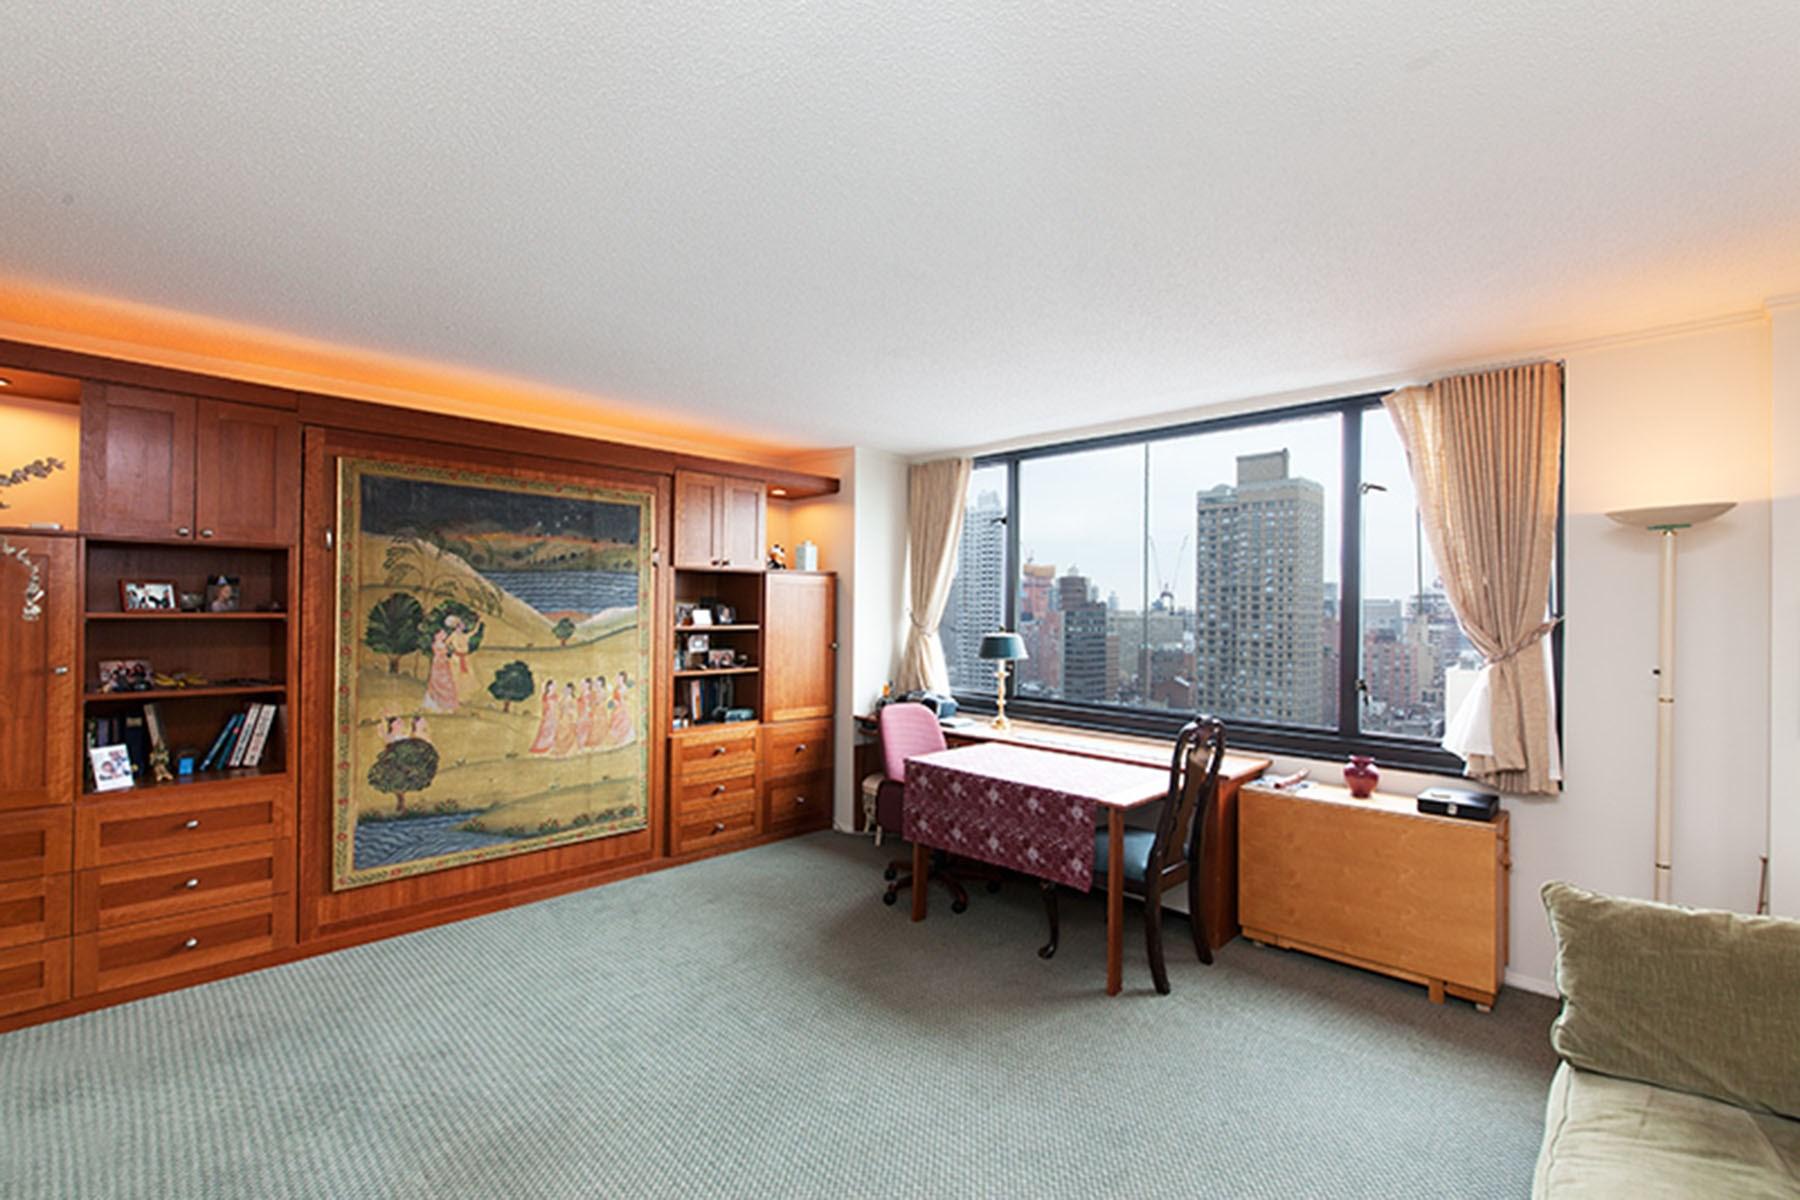 合作公寓 为 销售 在 The Ascot 纽约, 纽约州, 10016 美国